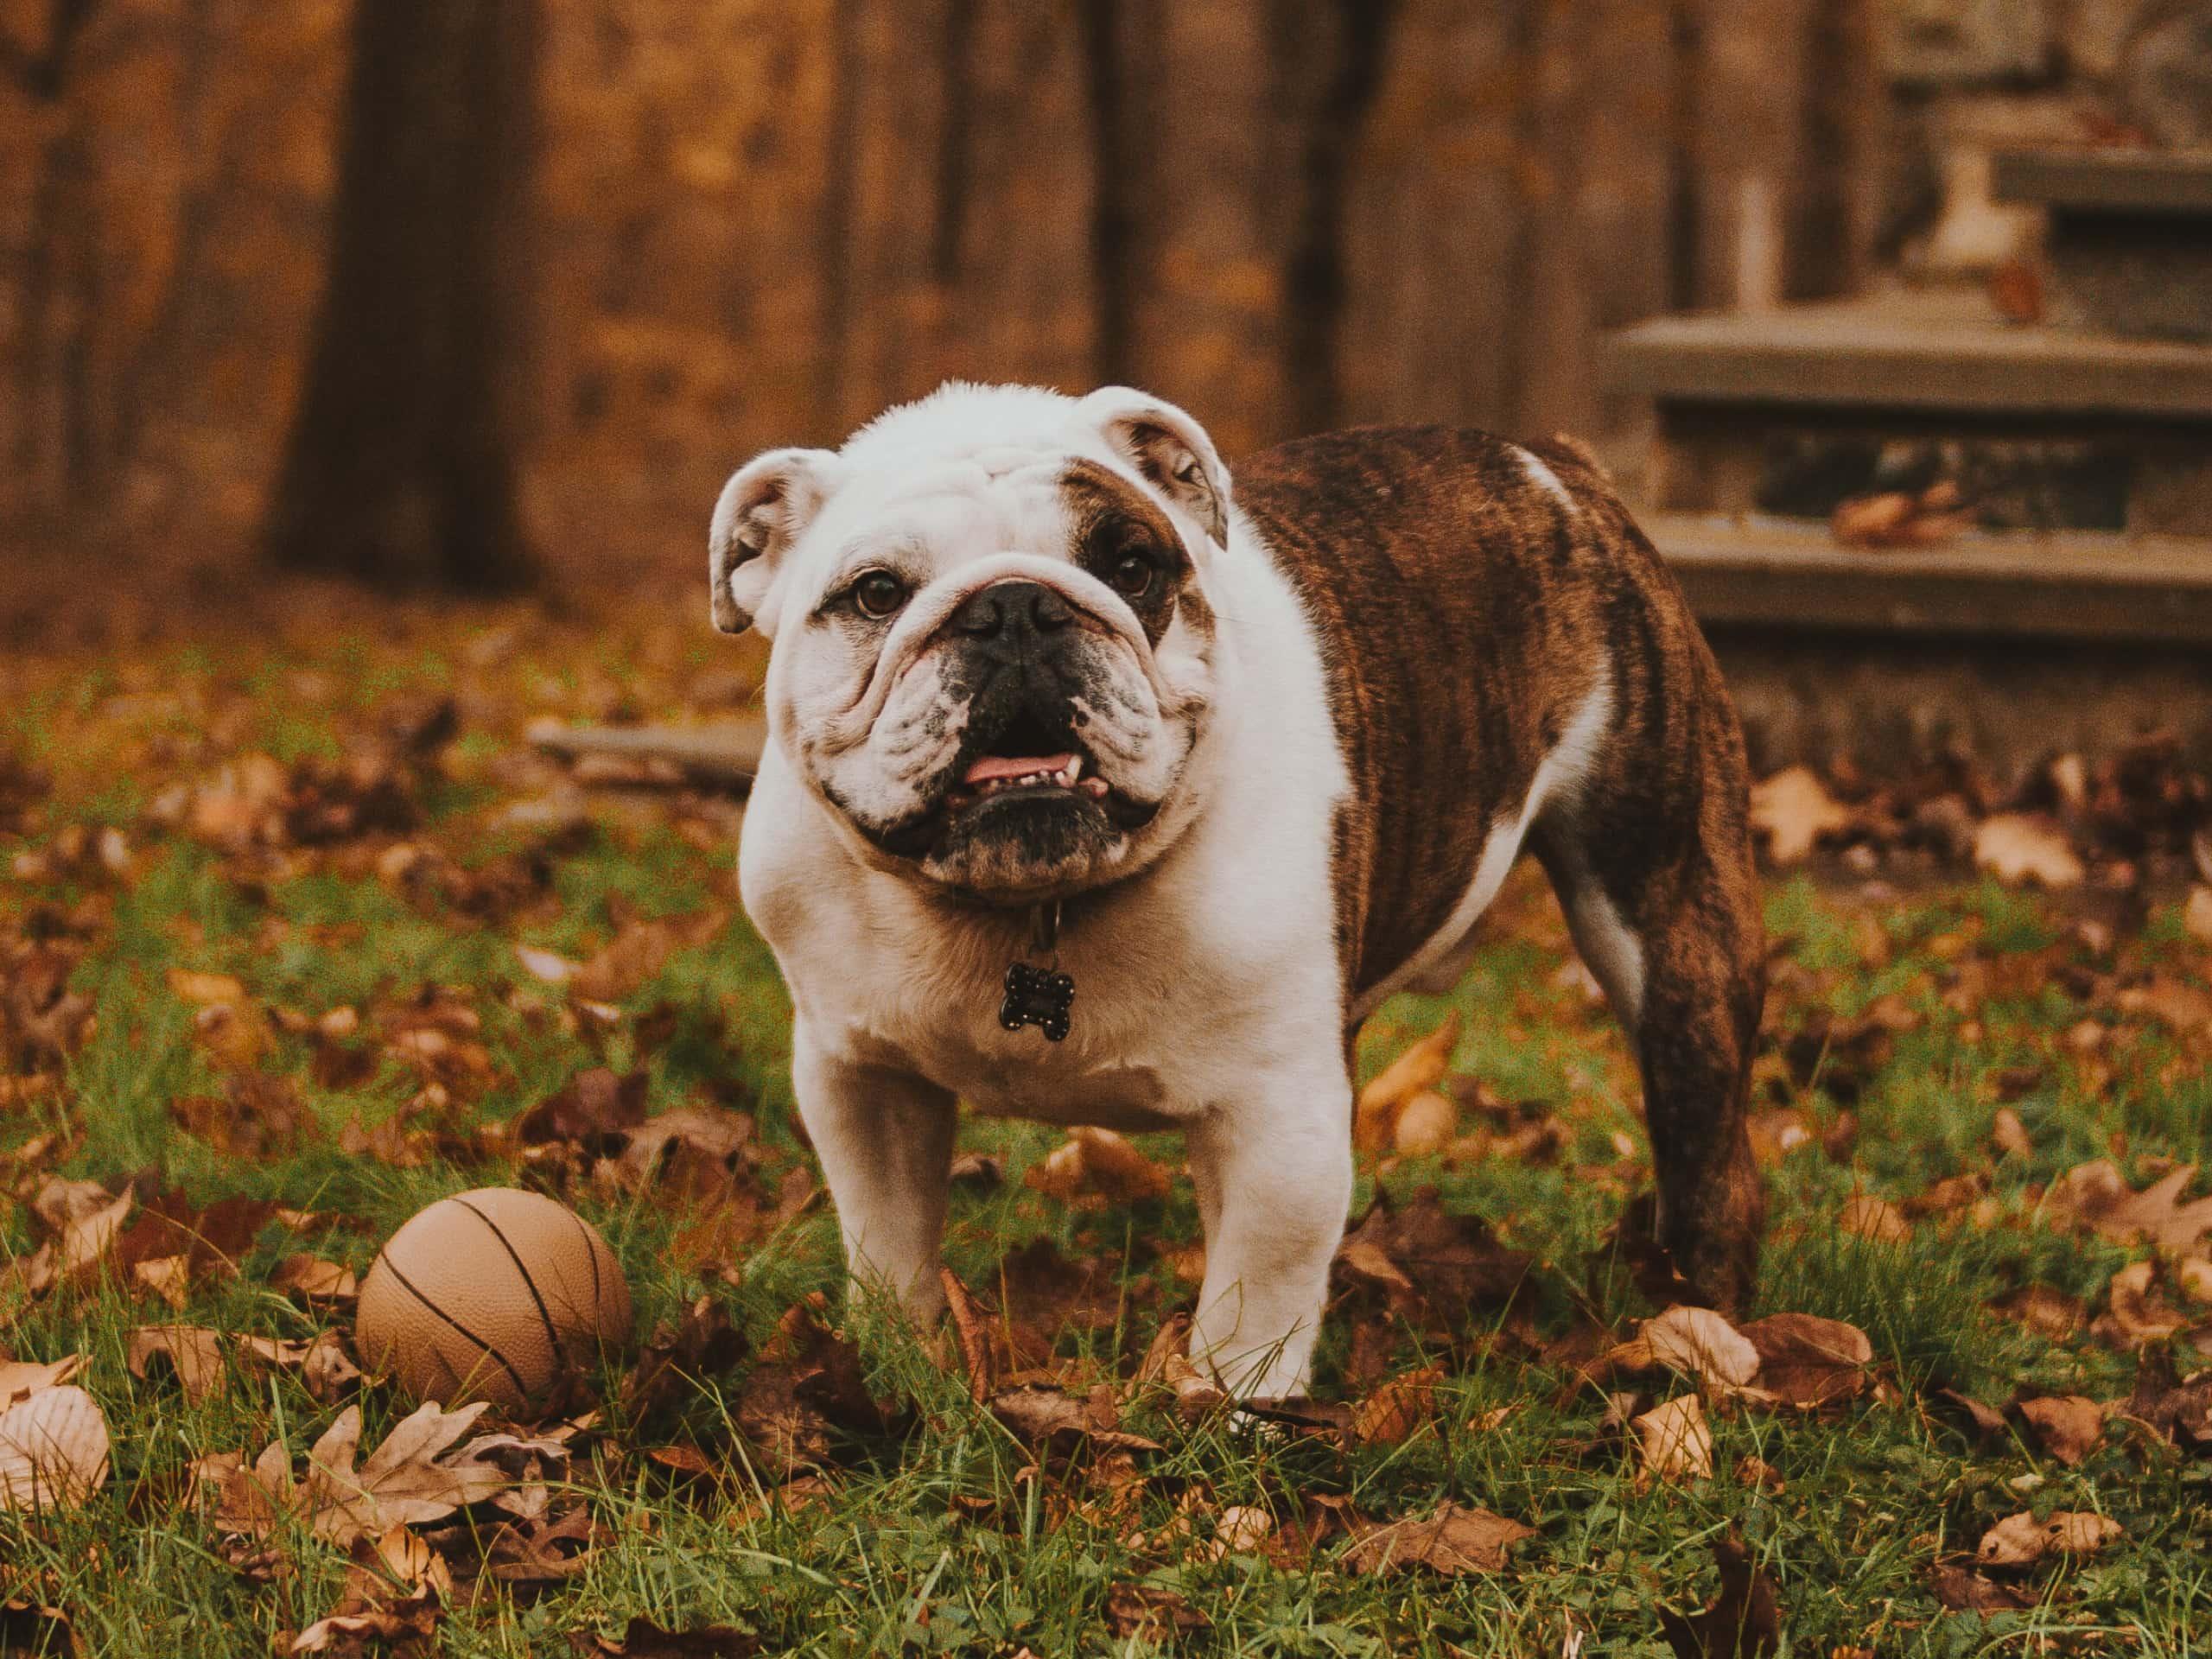 A bulldog walking outside